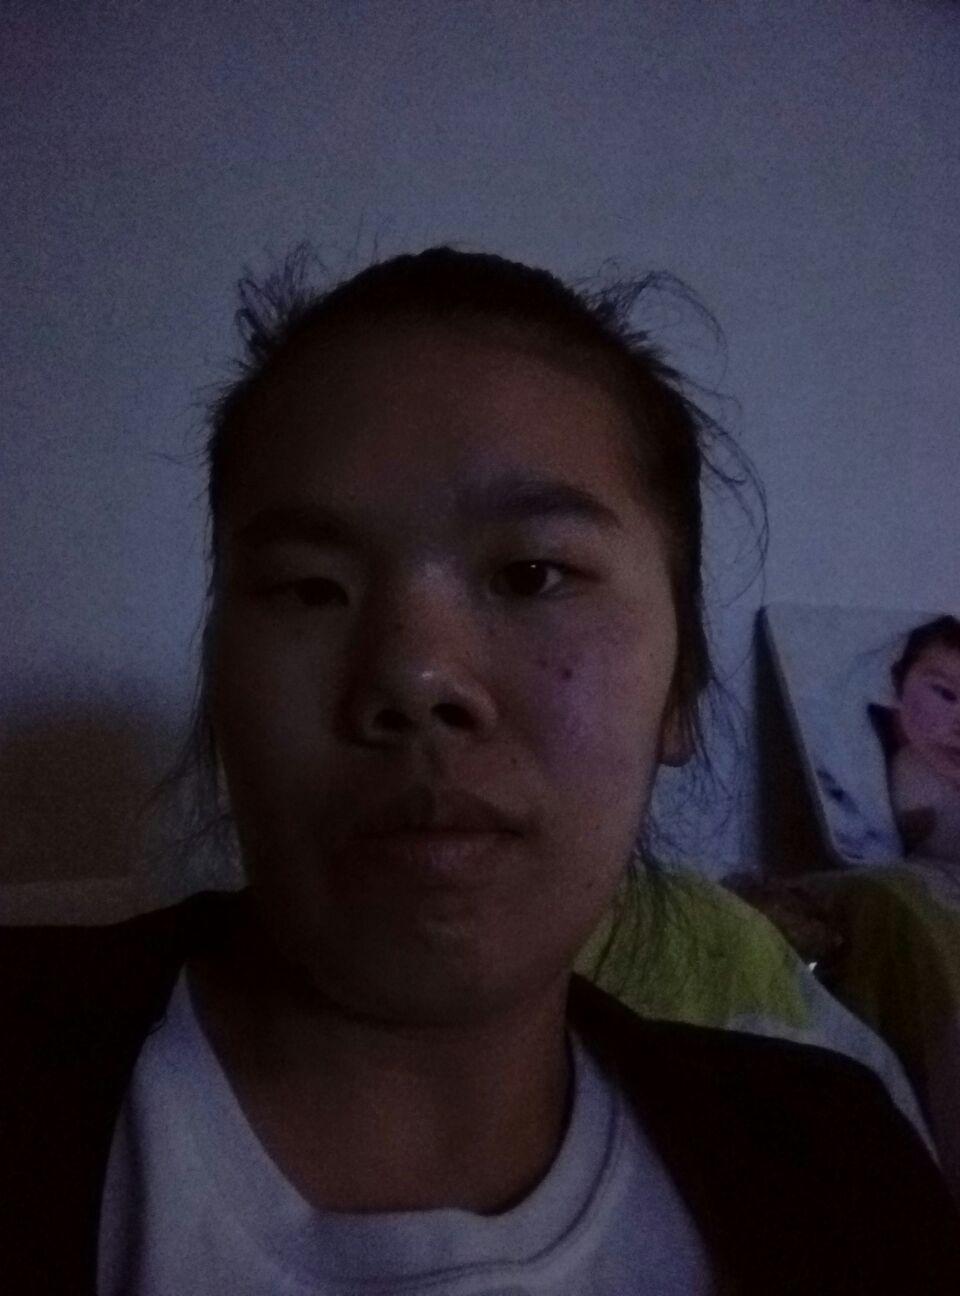 植发际线后脸会肿吗,请大家帮我看看,我改该怎样打扮自己